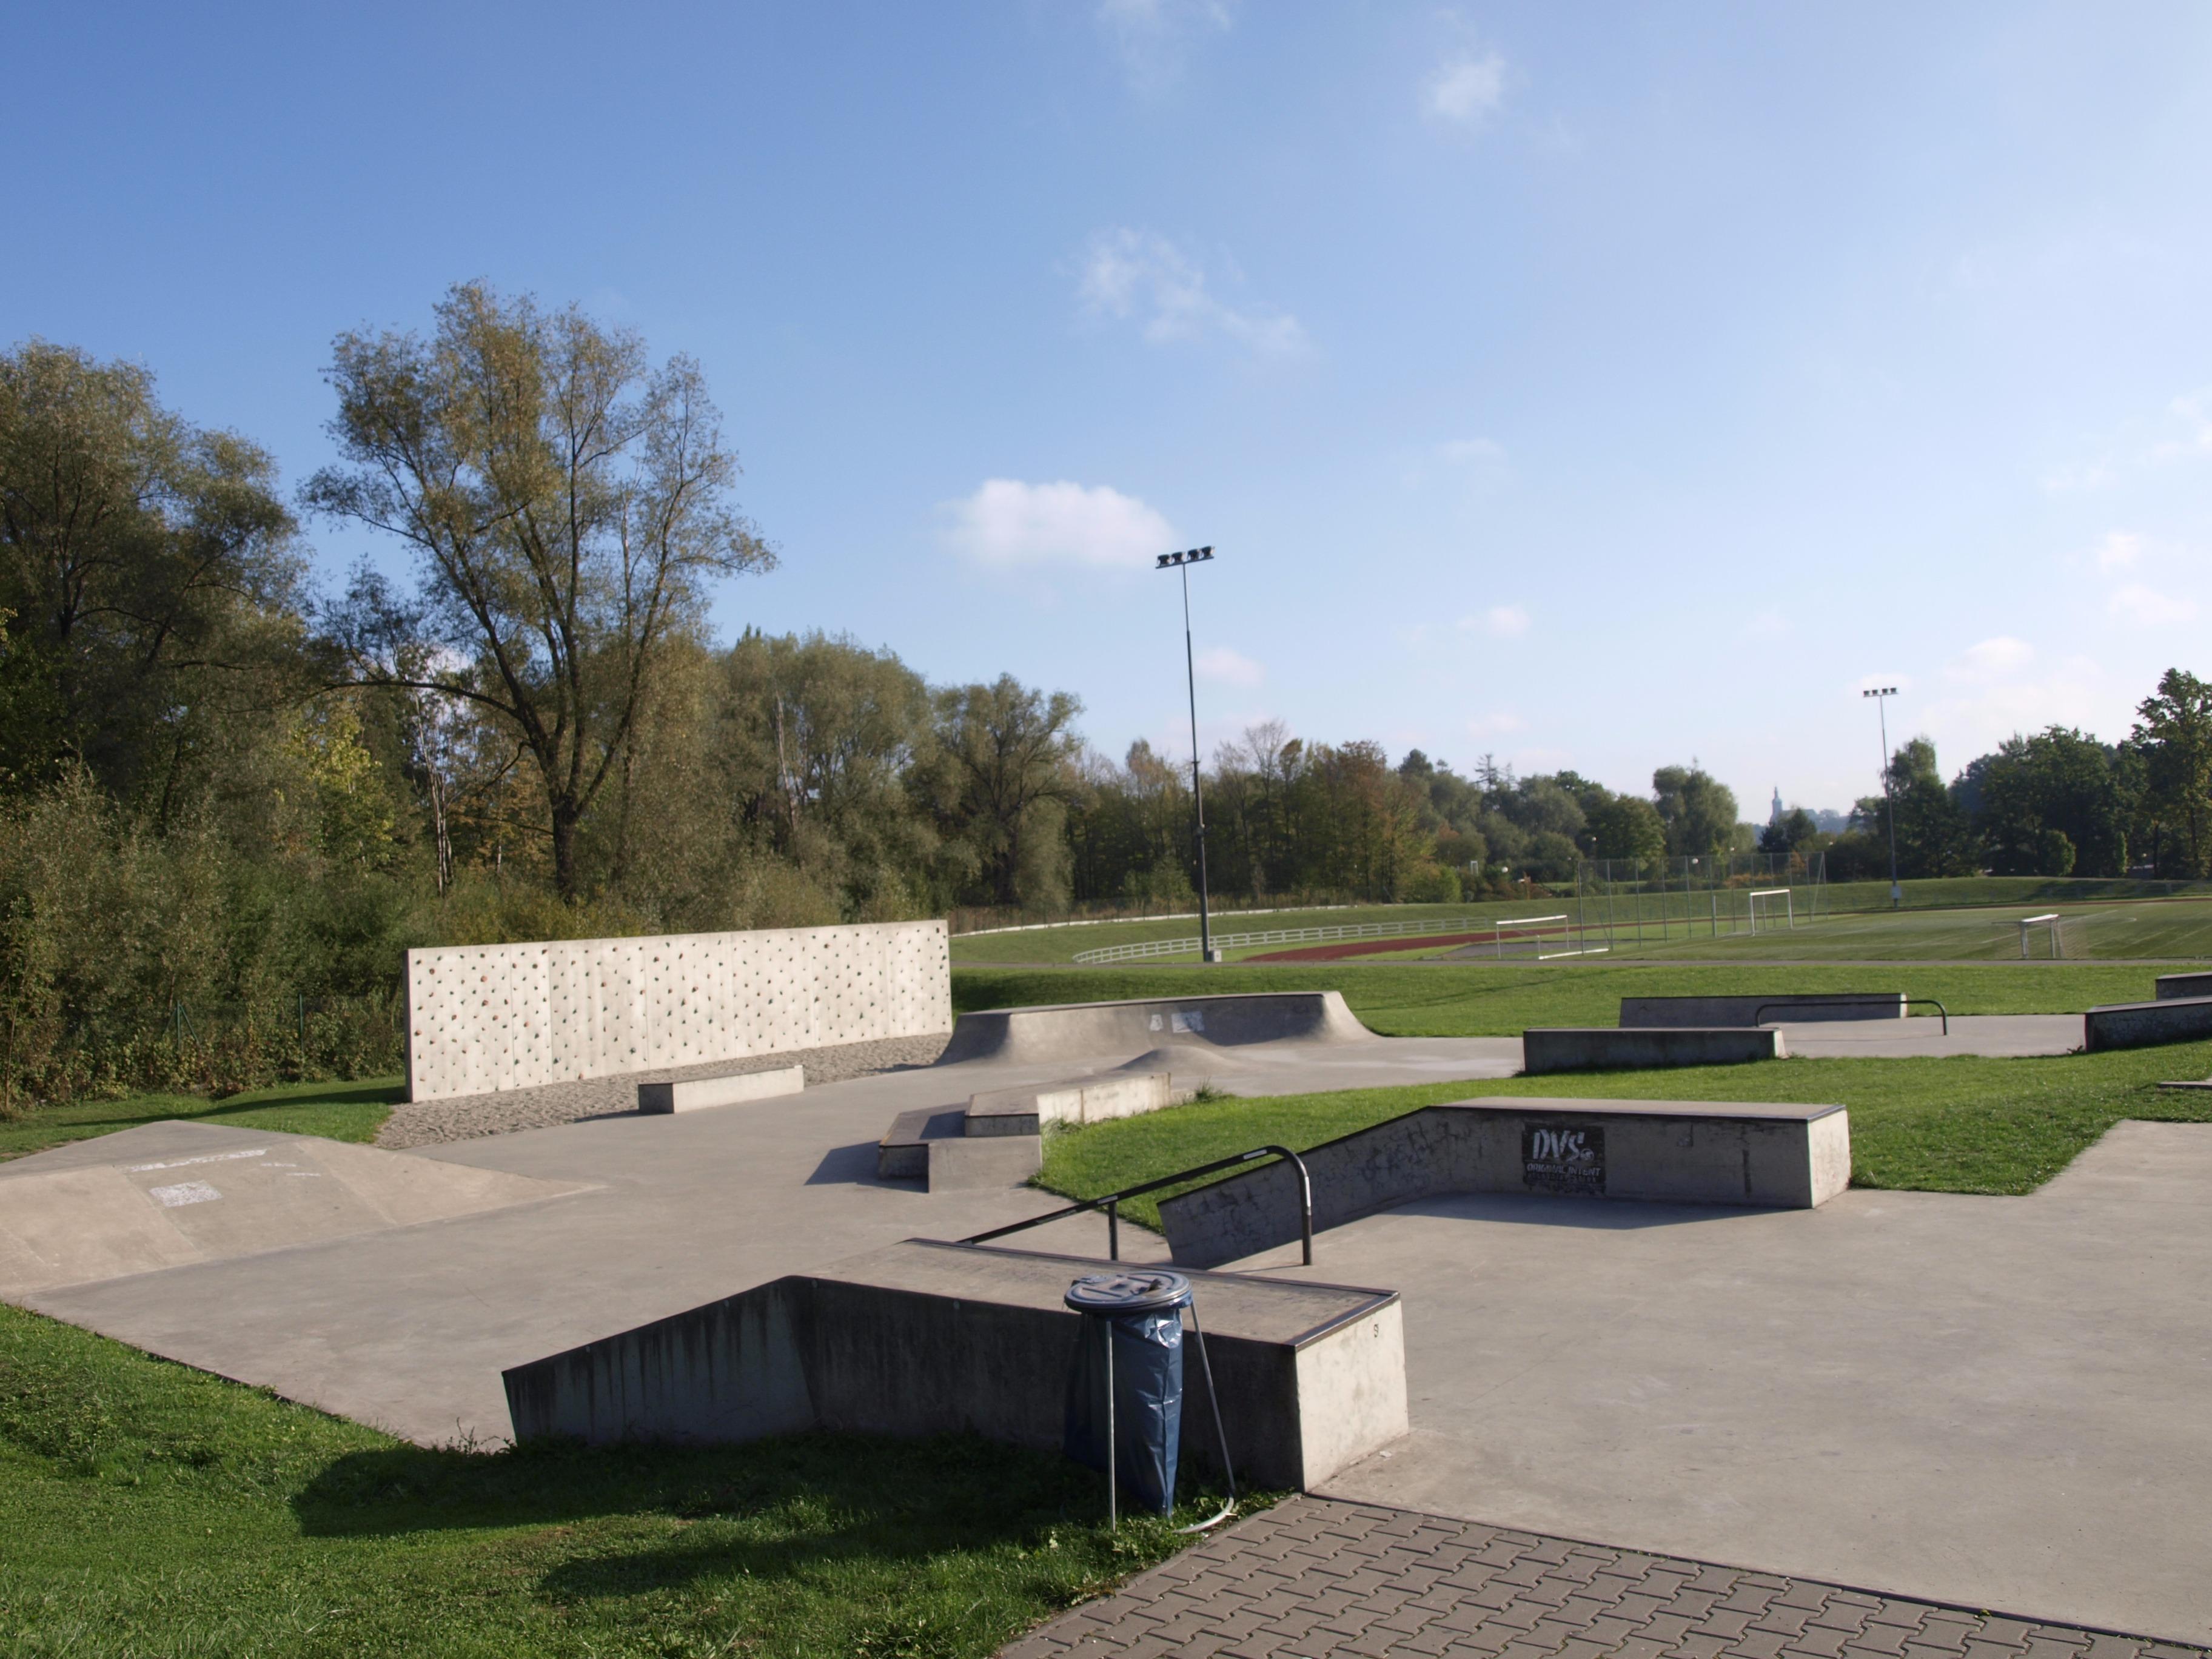 Sportovní areály v Českém Těšíně - fotografie 9/10